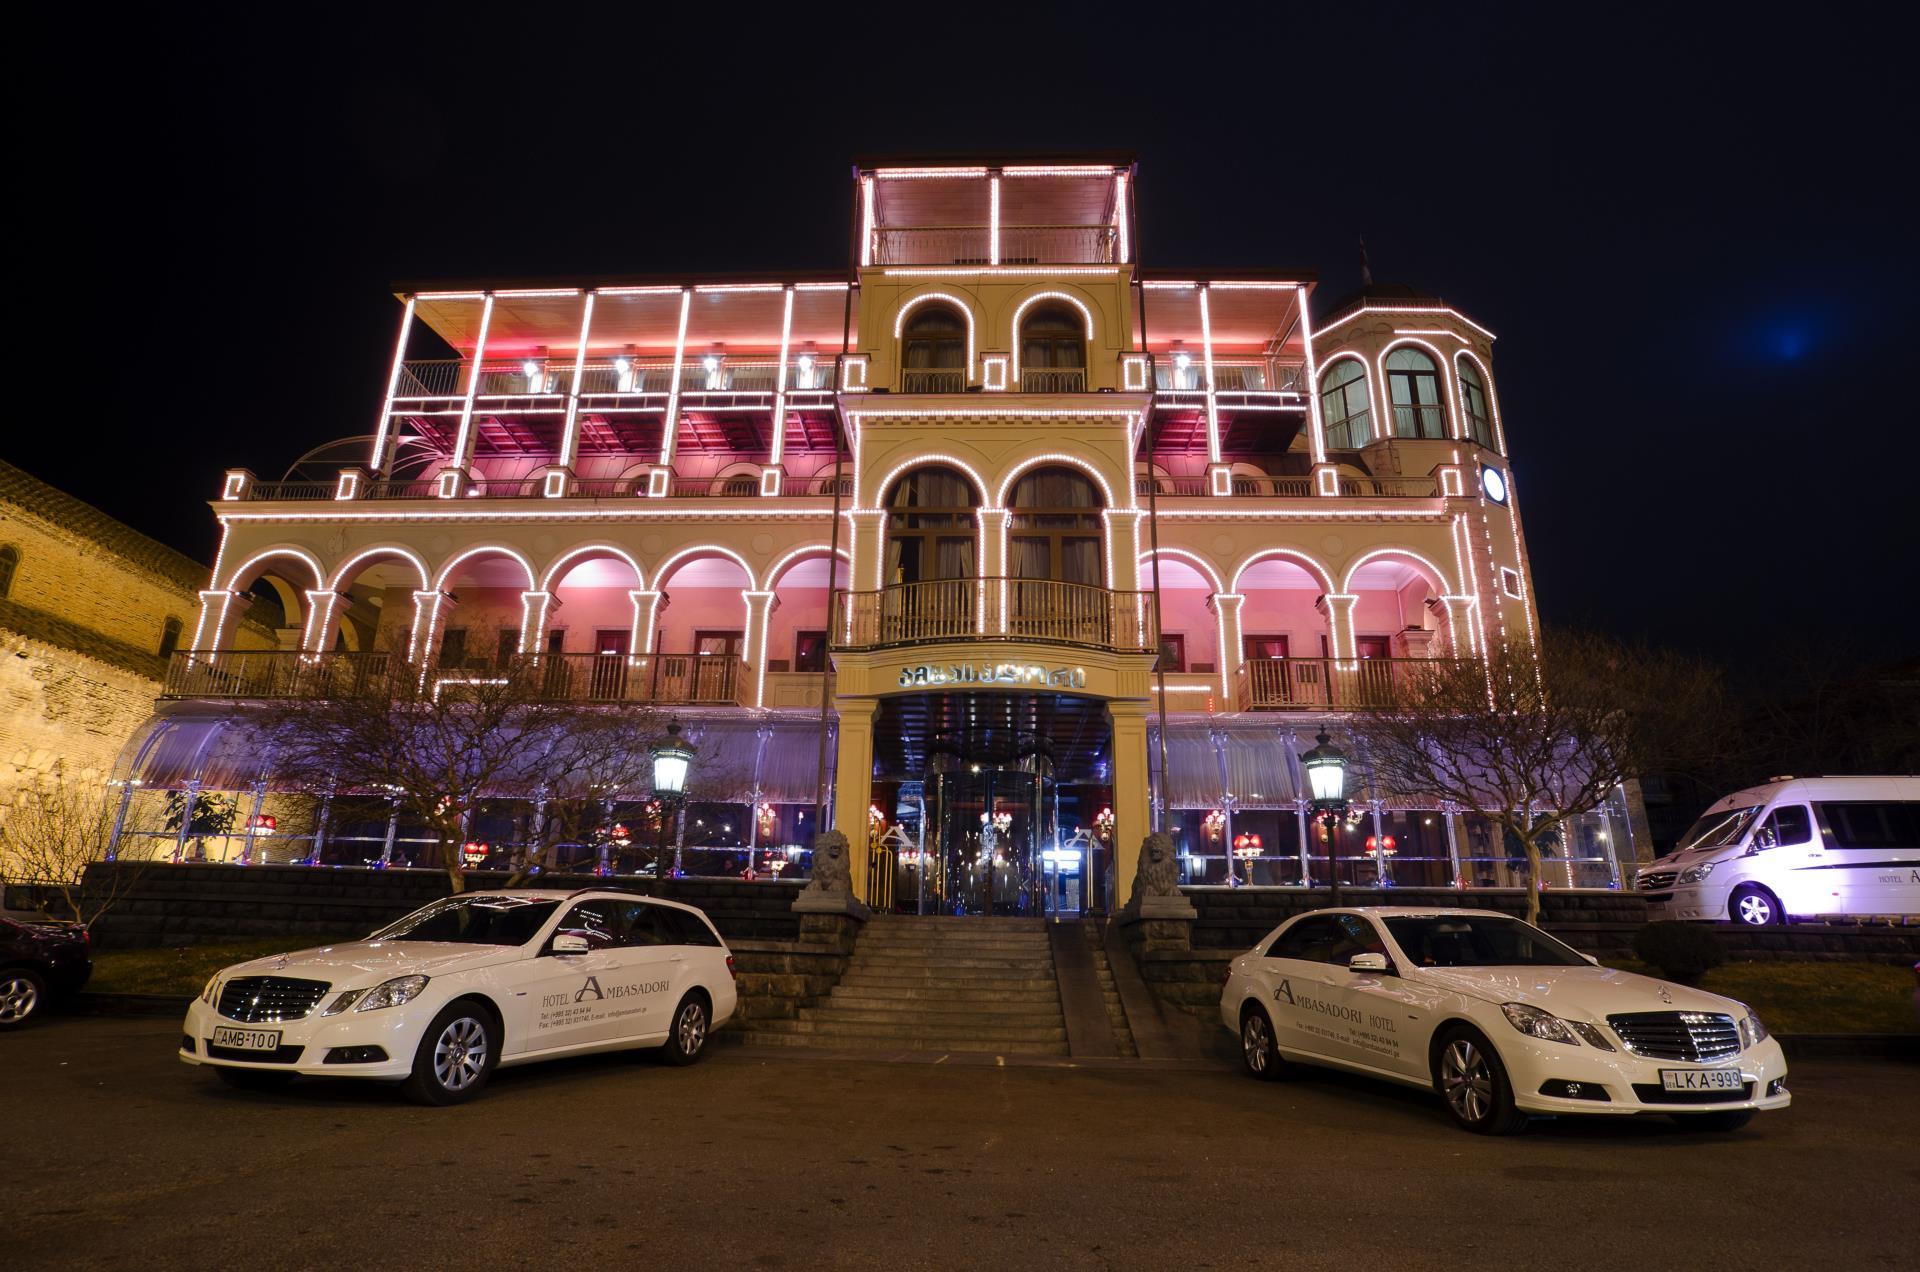 Ambassadori casino